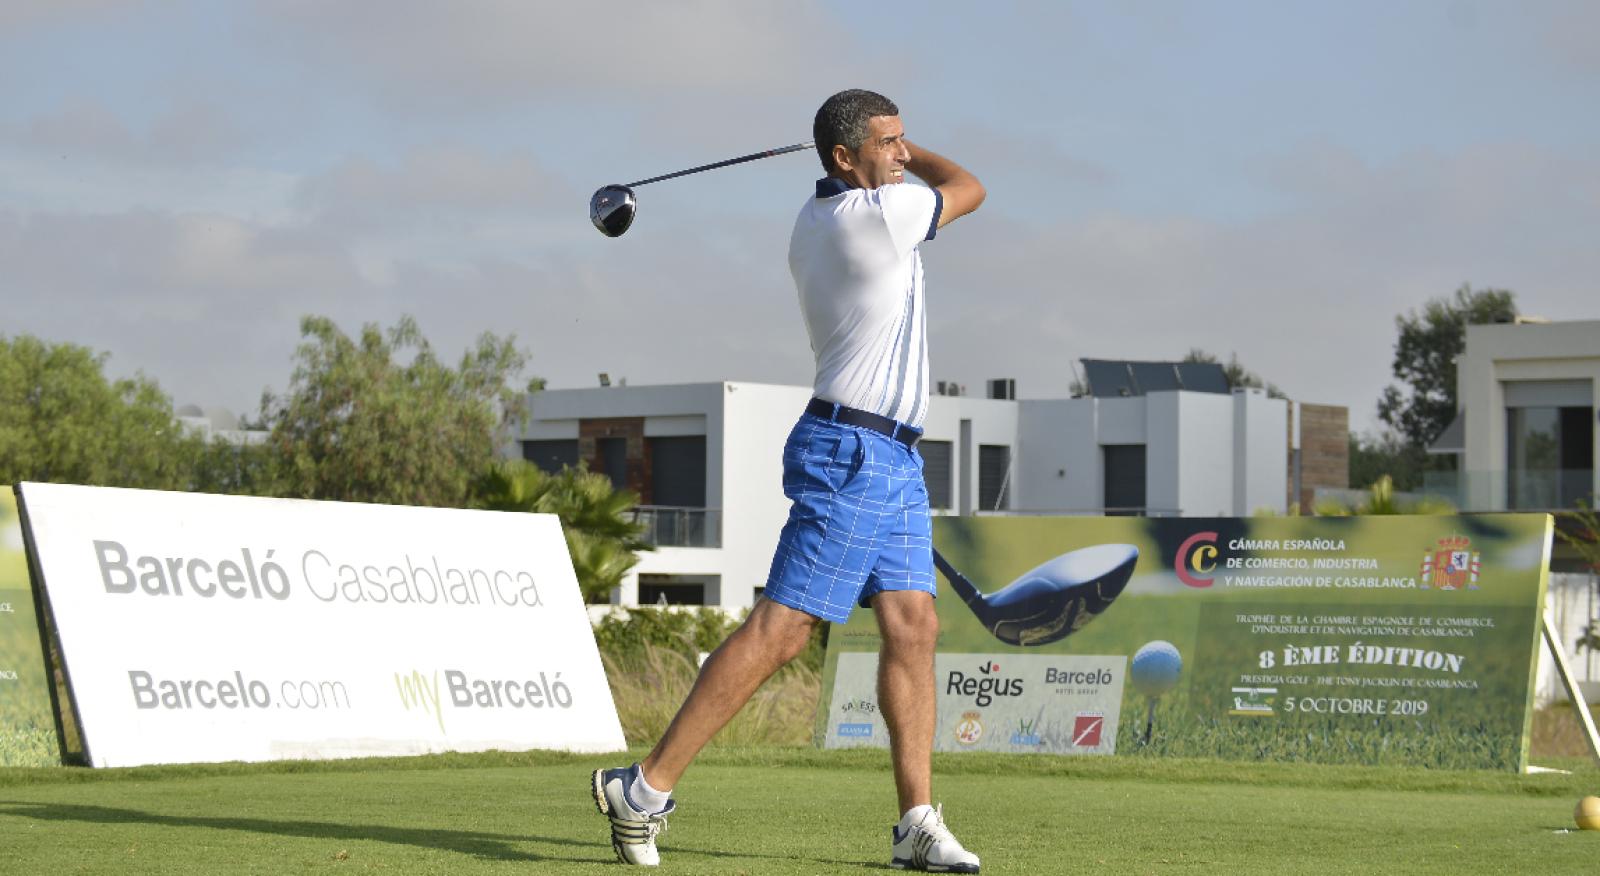 8ème édition du tournoi de golf